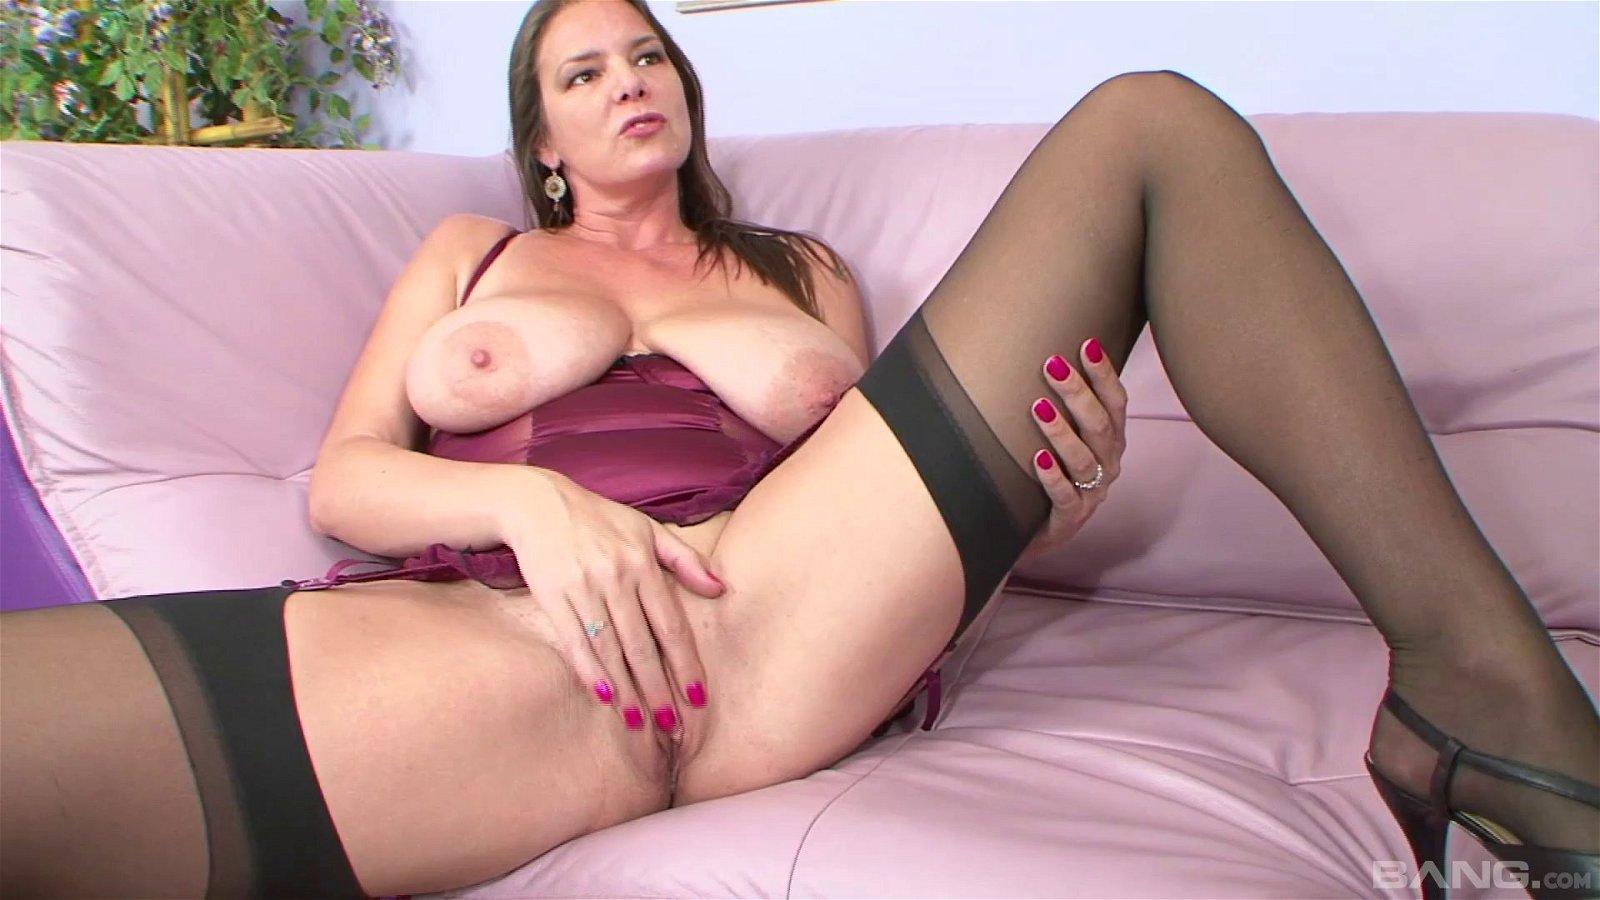 Carrie moon biguz pornstars galleries